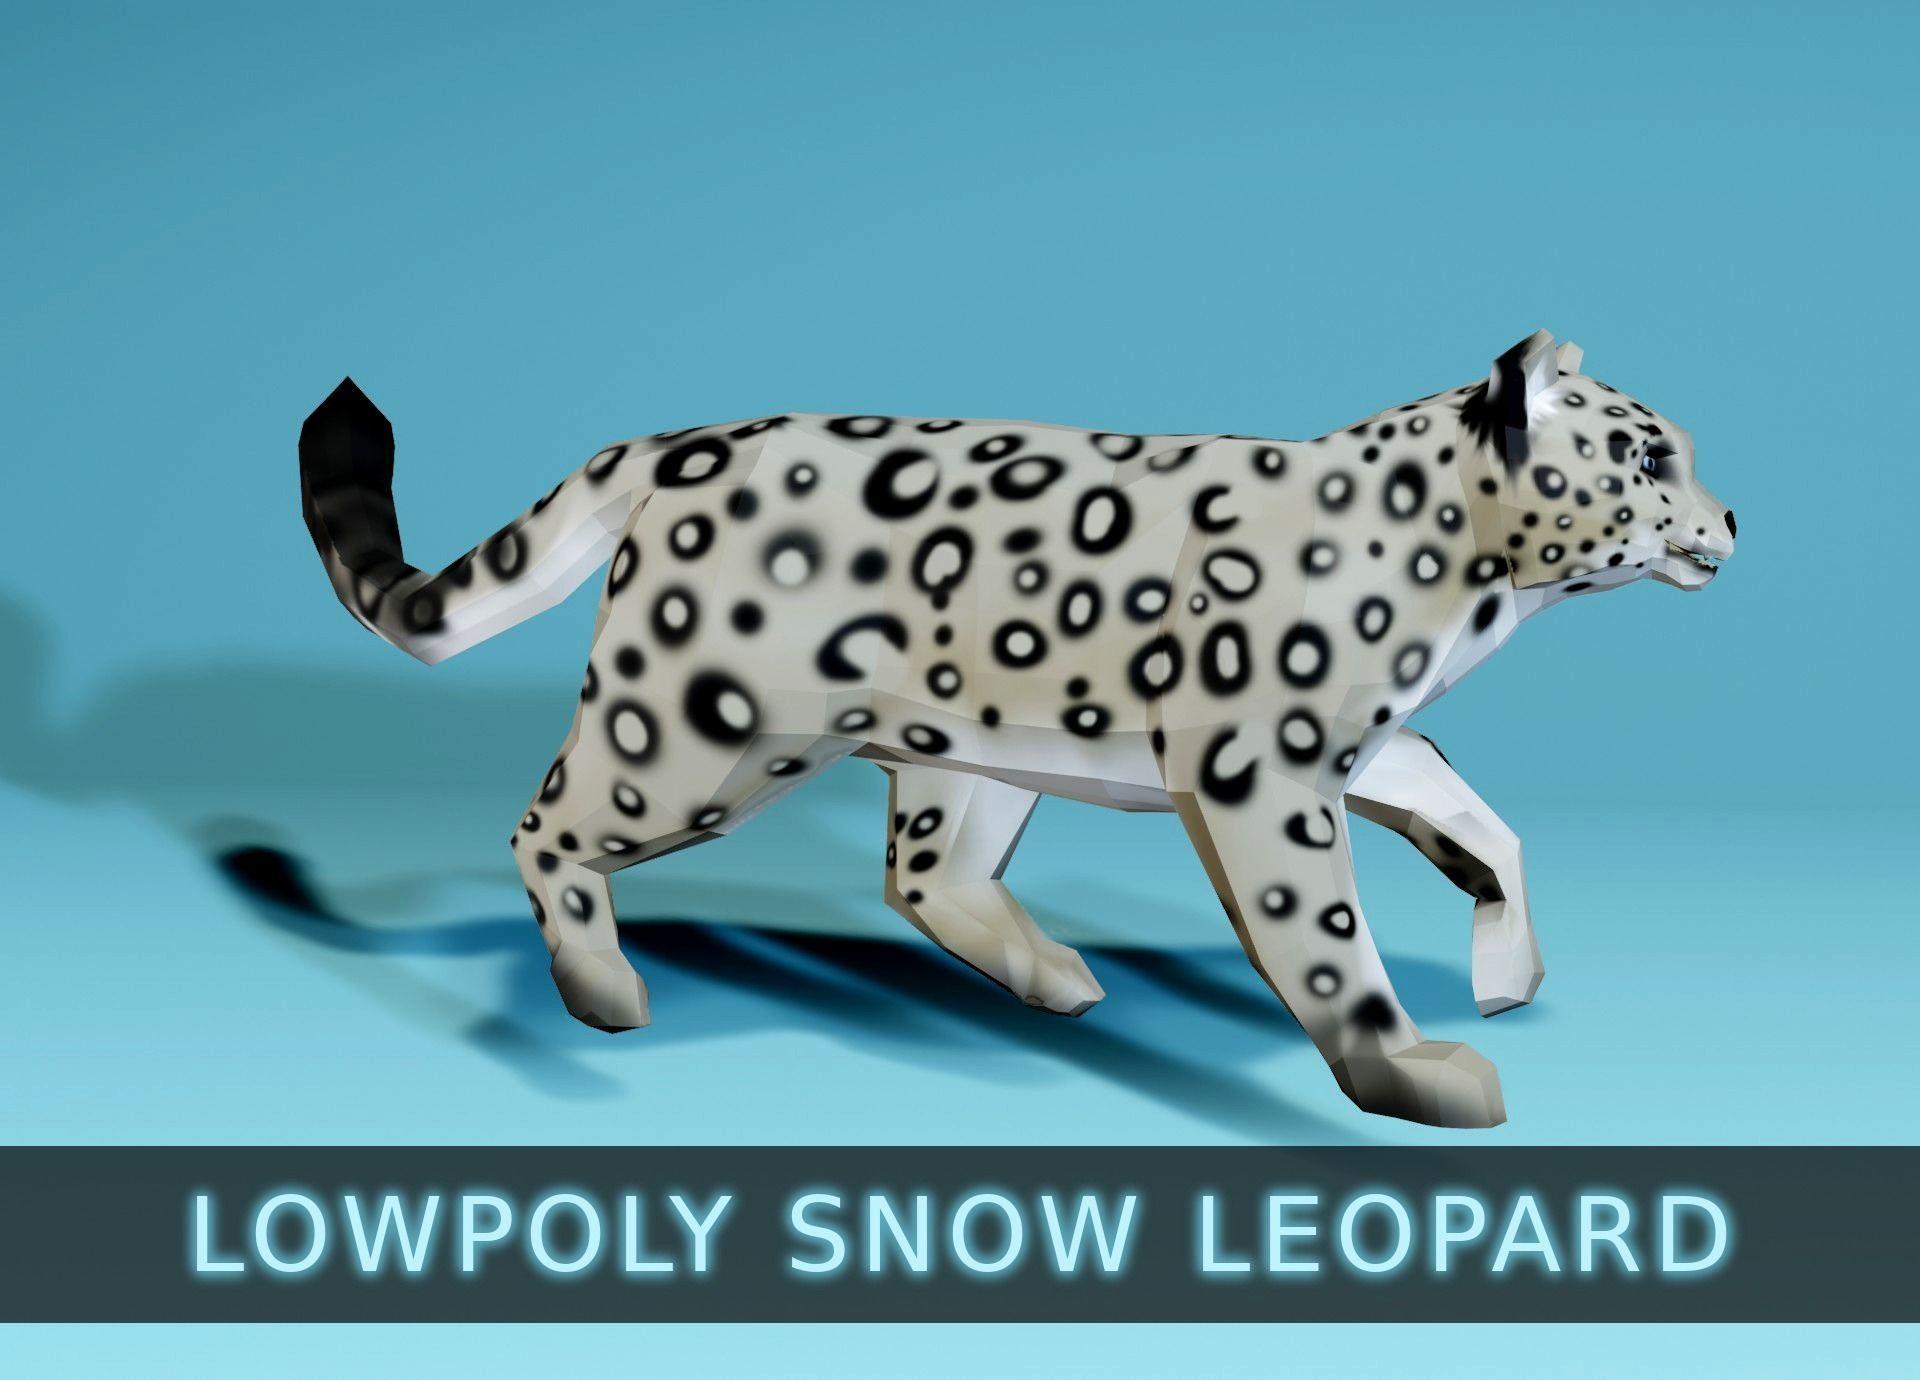 Lowpoly Snow Leopard